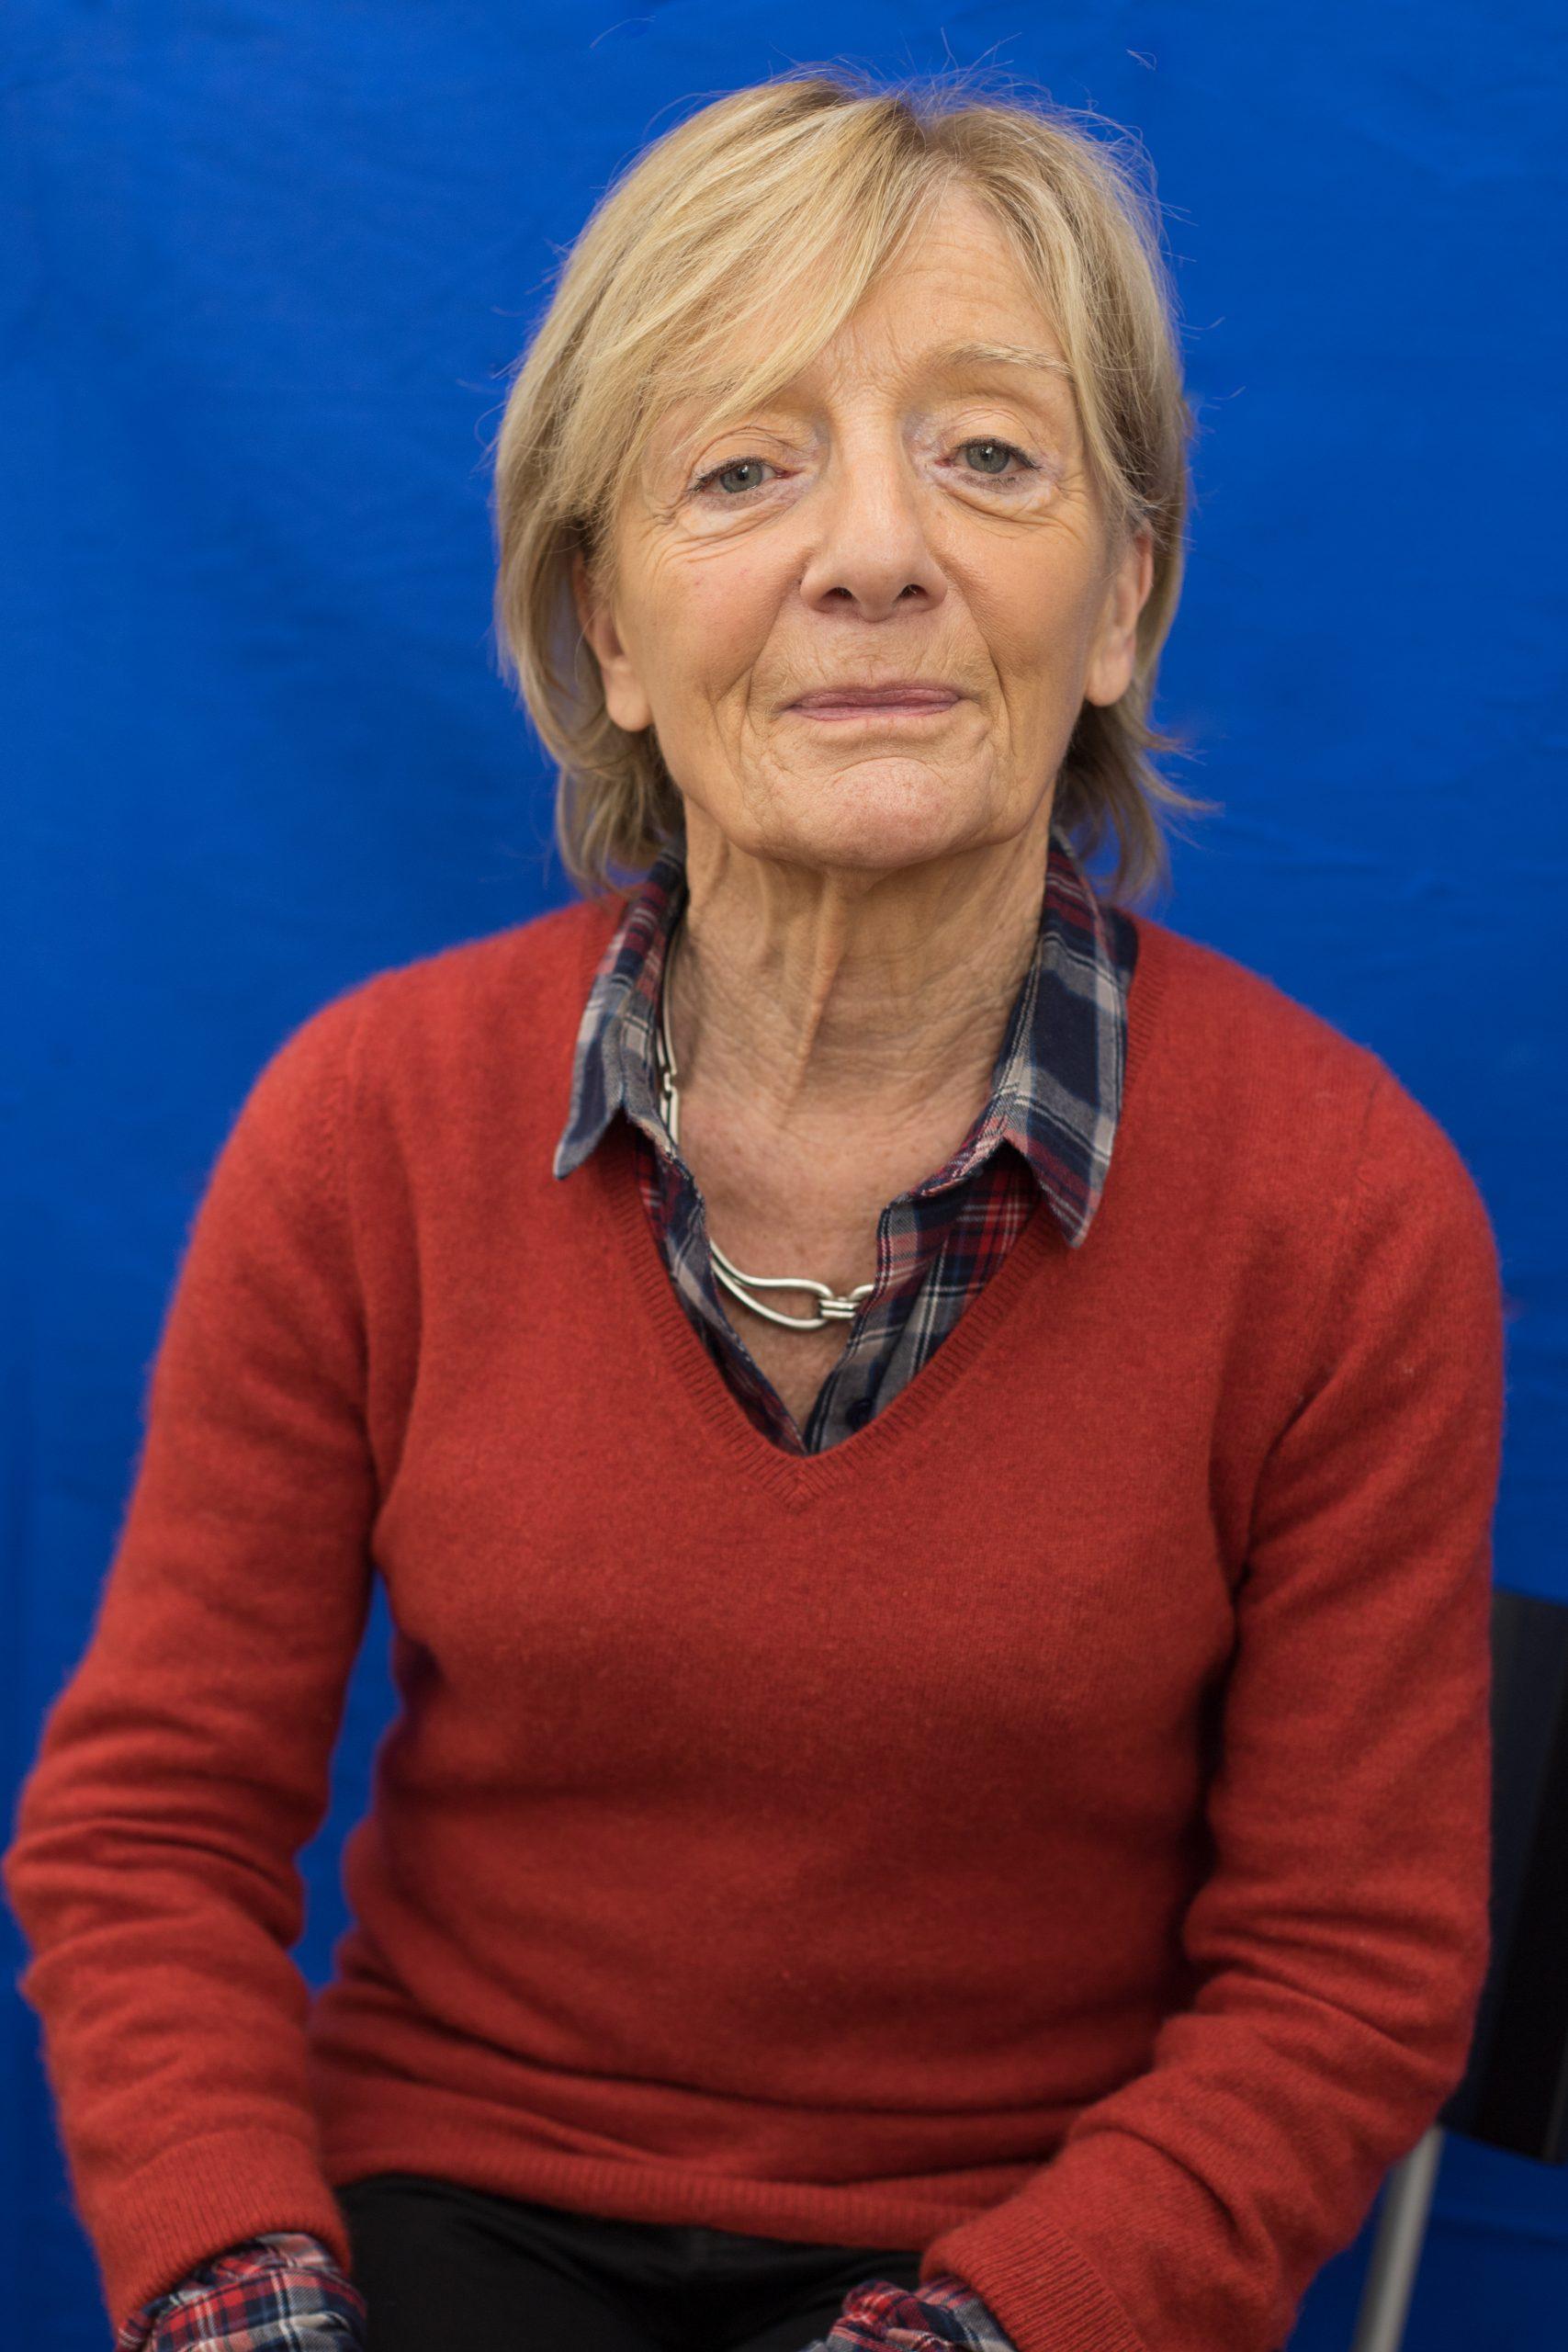 Jacqueline JACQUET